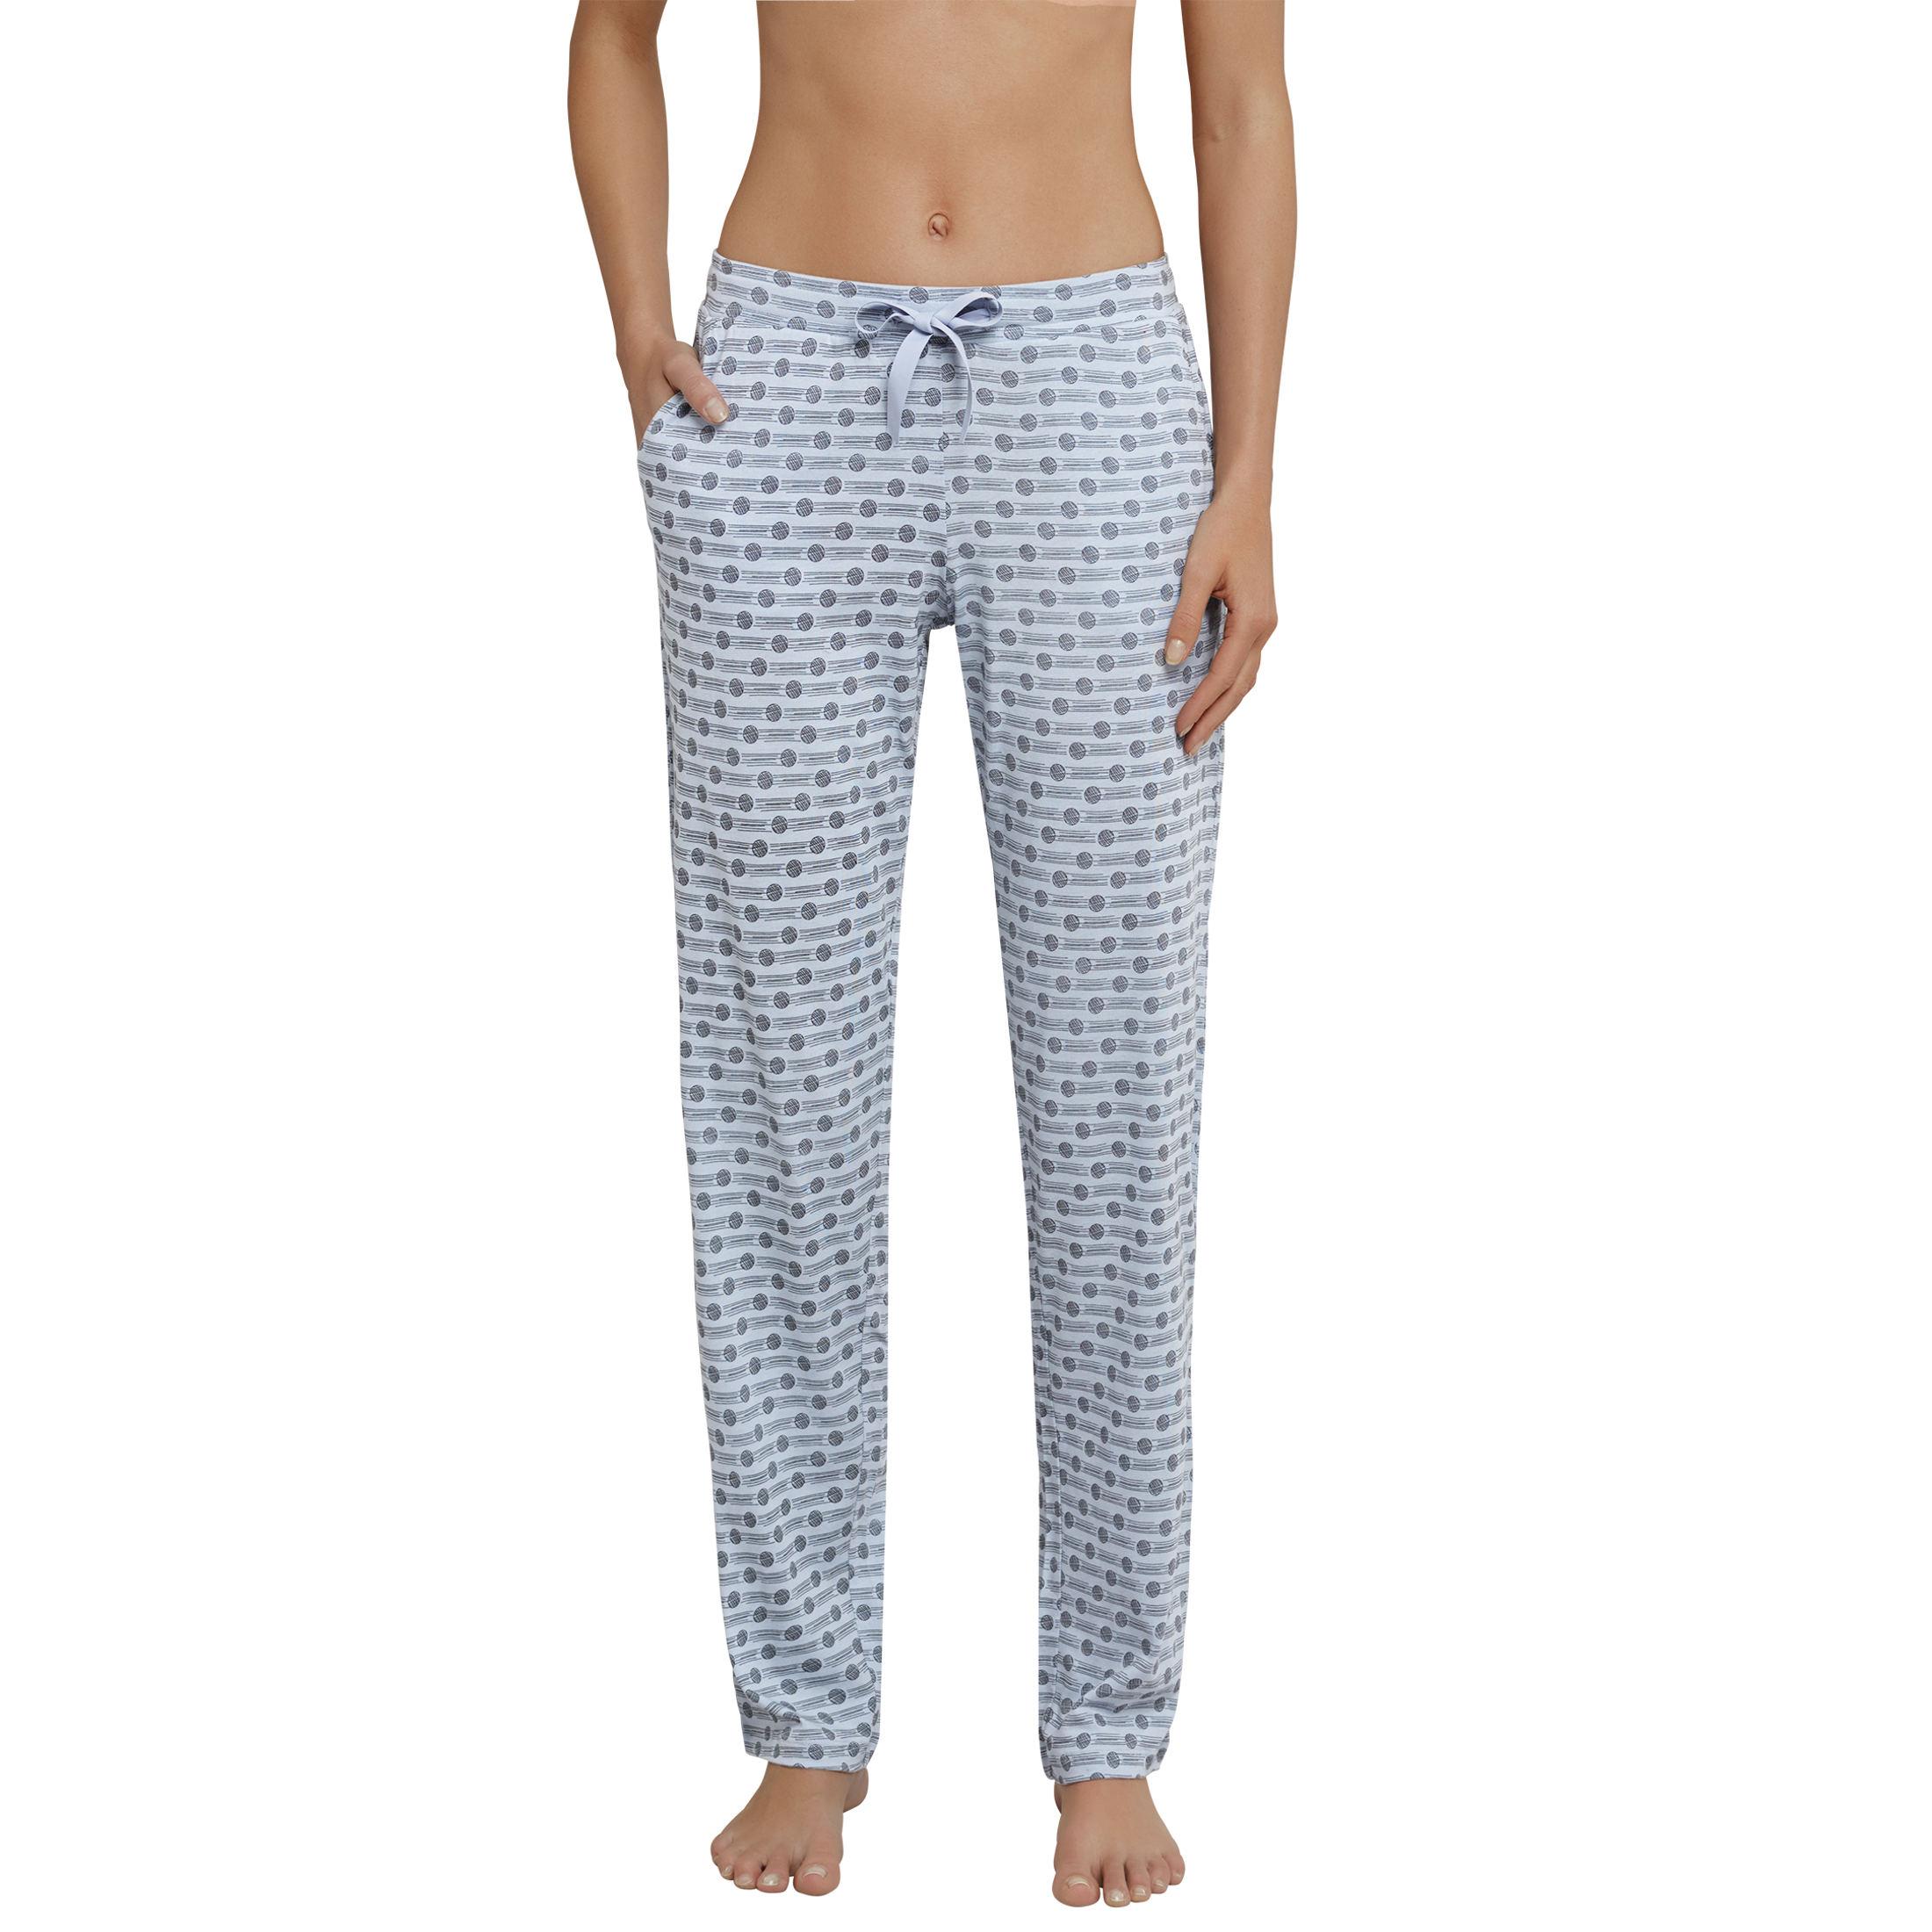 SCHIESSER Damen Hose lang   extra-lang Jersey Punkte graublau Mix   Relax 118760a5ff